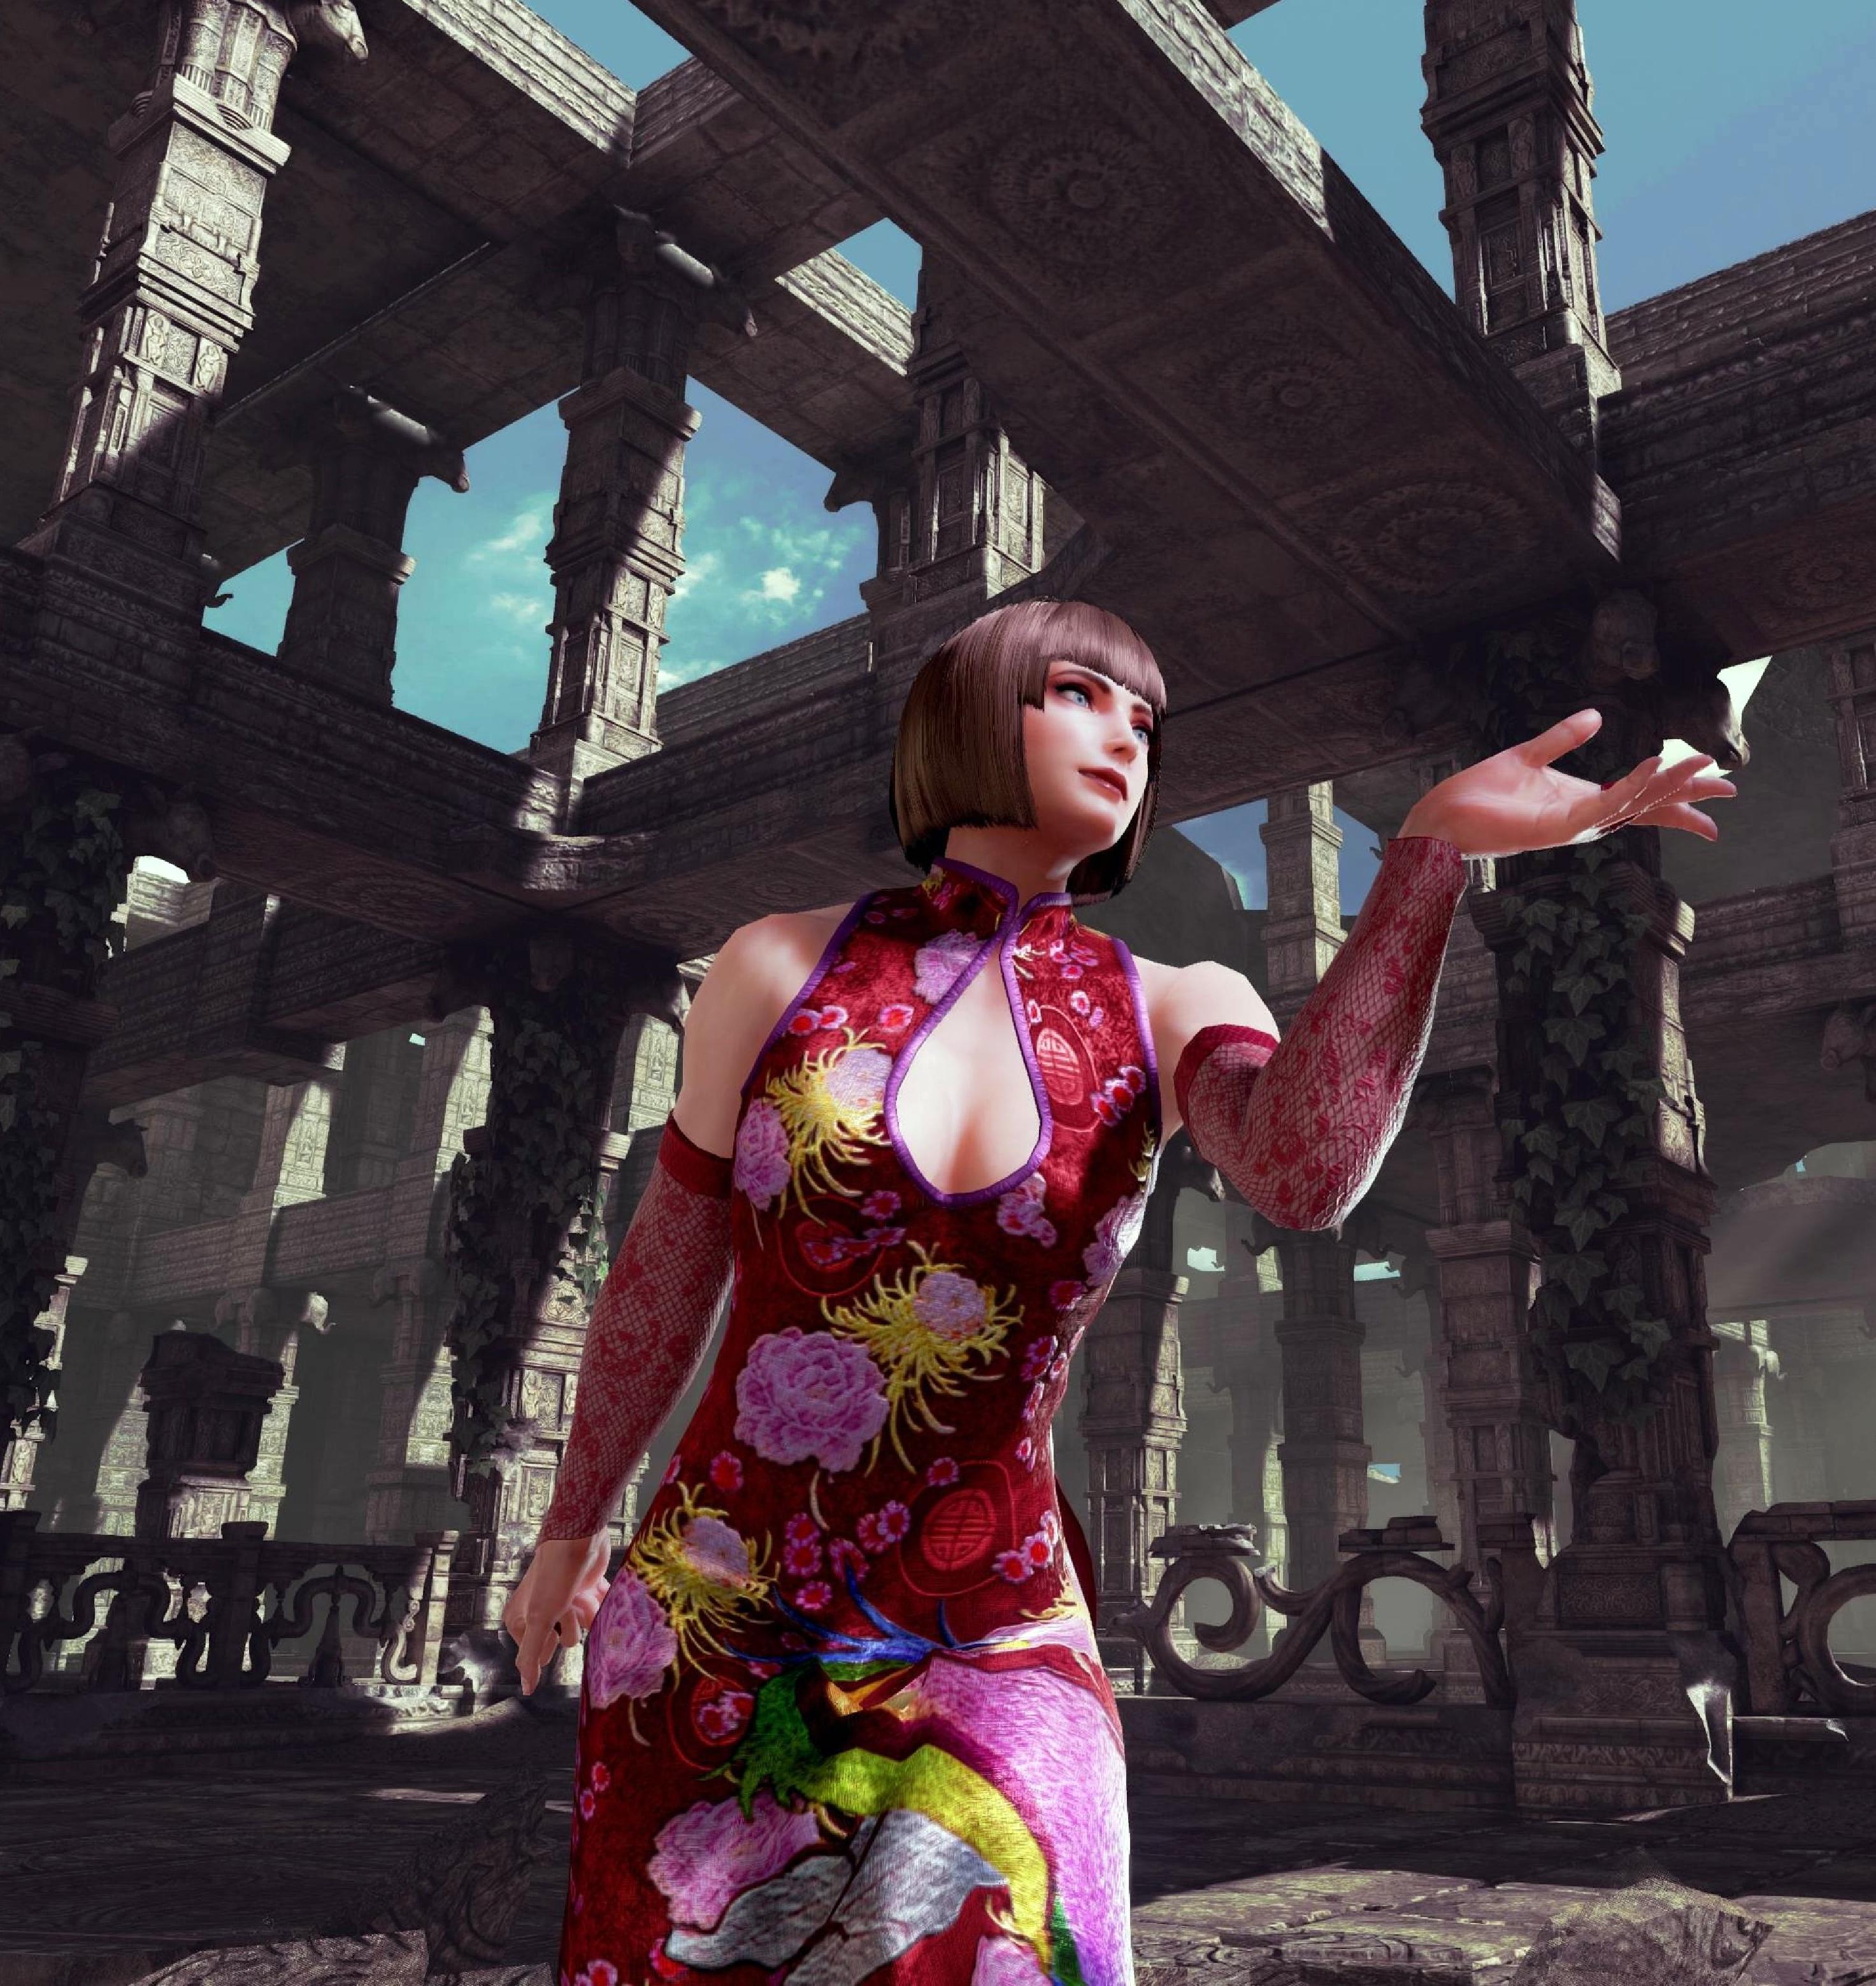 Tekken 7 Anna Williams - Tekken 7